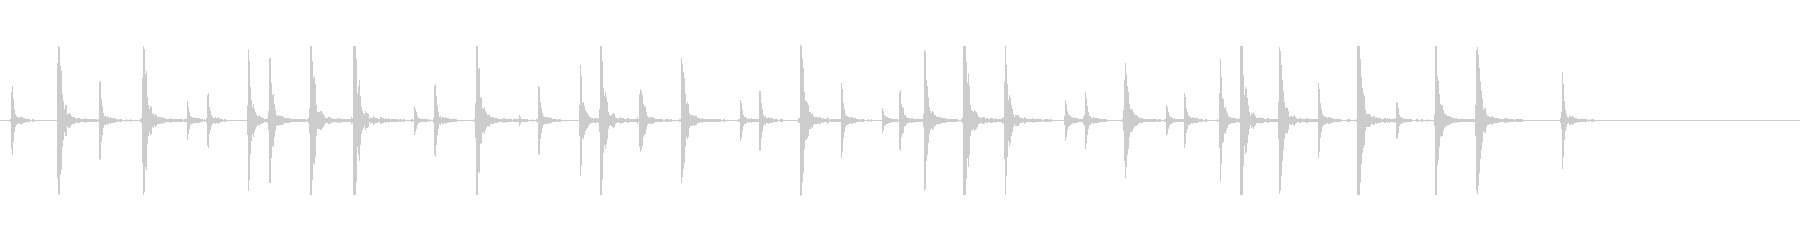 鼓6コミカル一調1和風歌舞伎アジアンイヨの未再生の波形